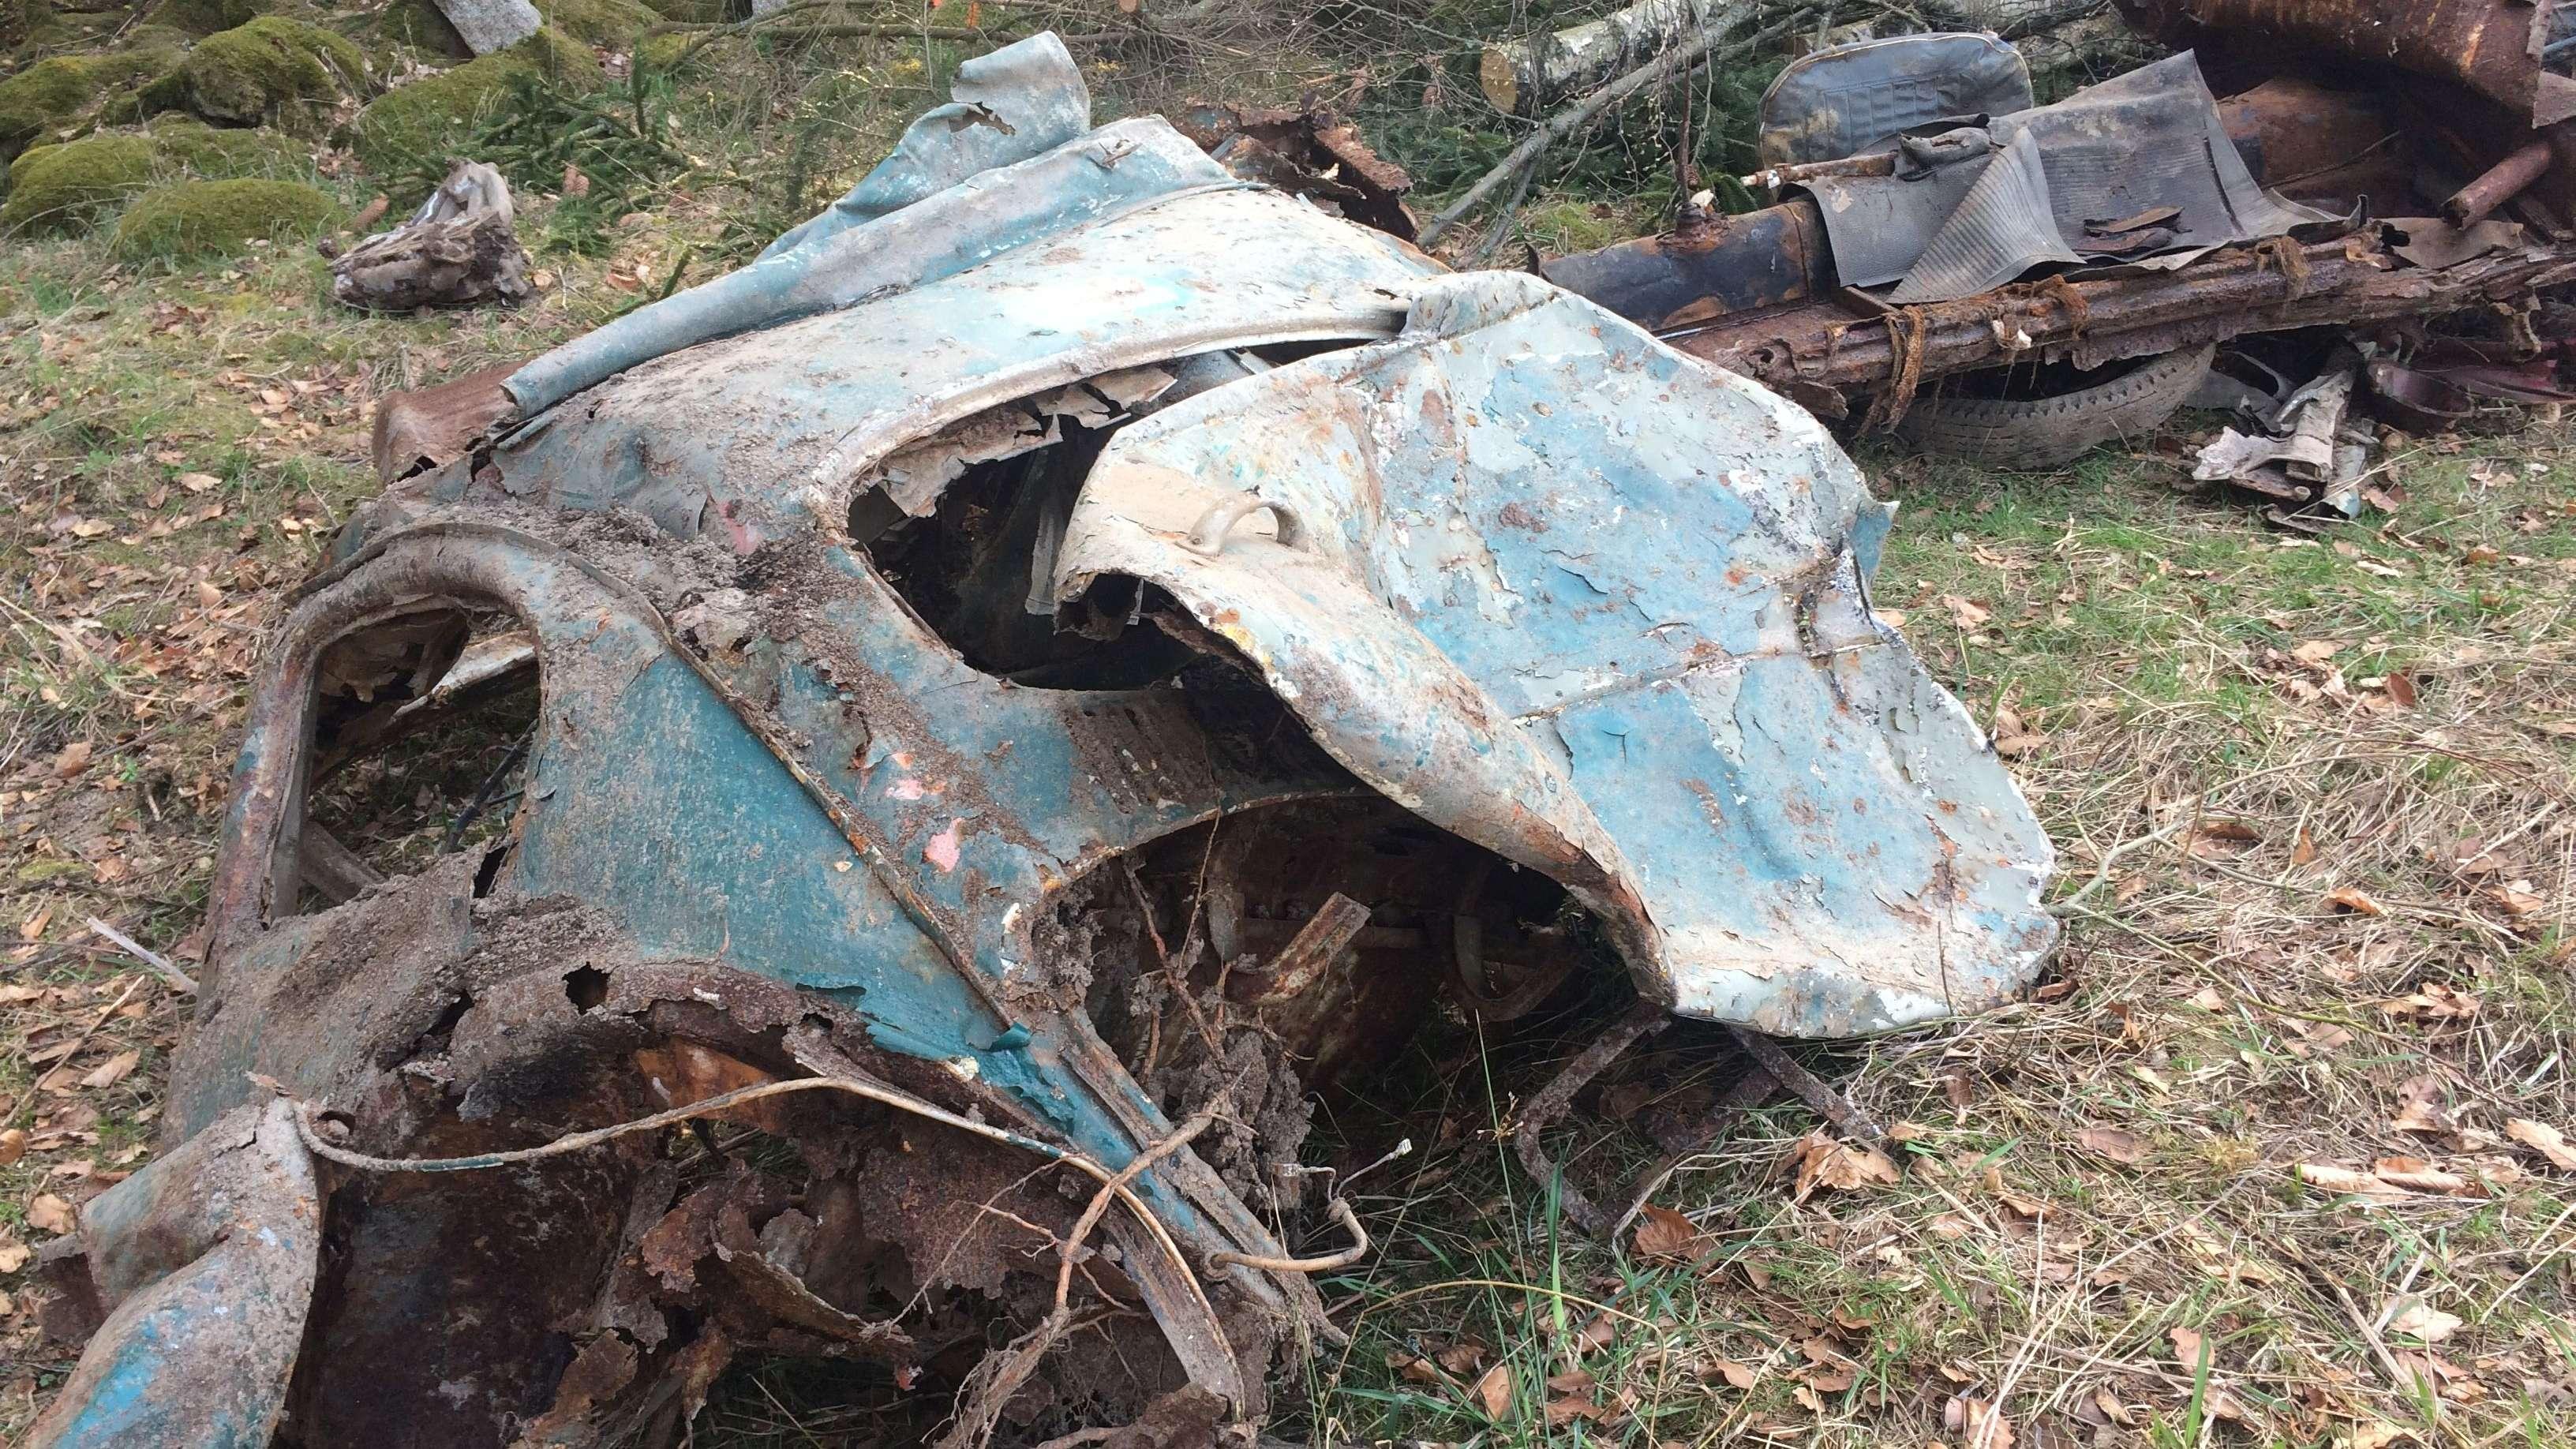 Teile des gefundenen Autowracks